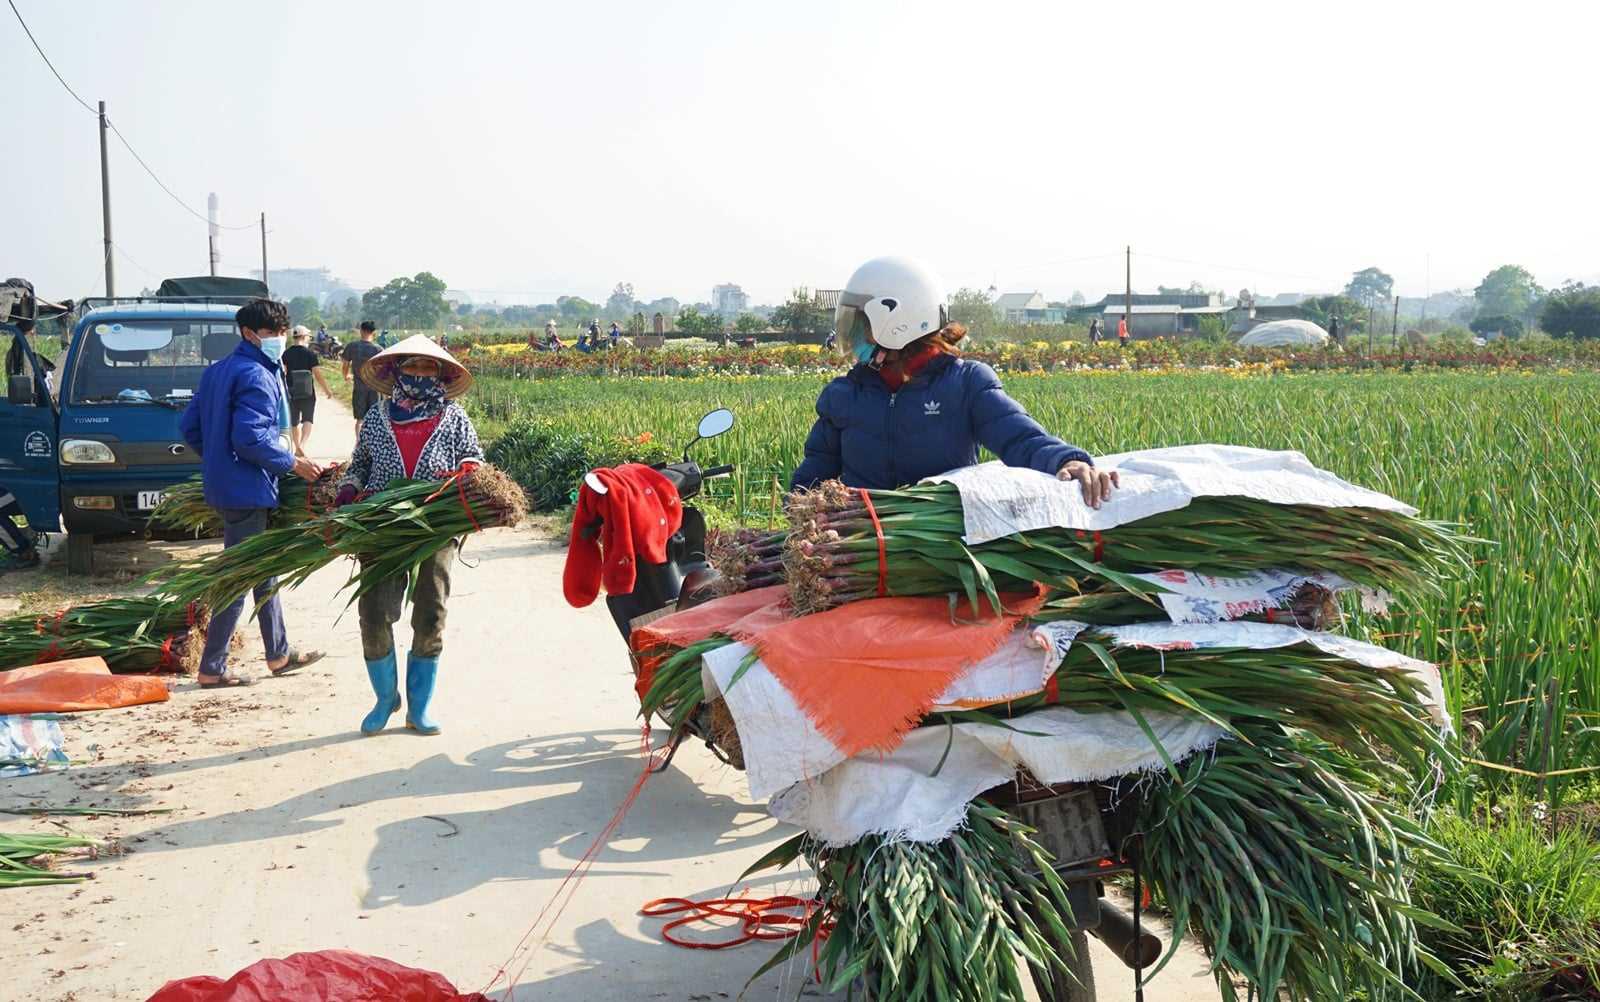 Nông sản ở ổ dịch Đông Triều đã được giải cứu như thế nào? - Ảnh 3.